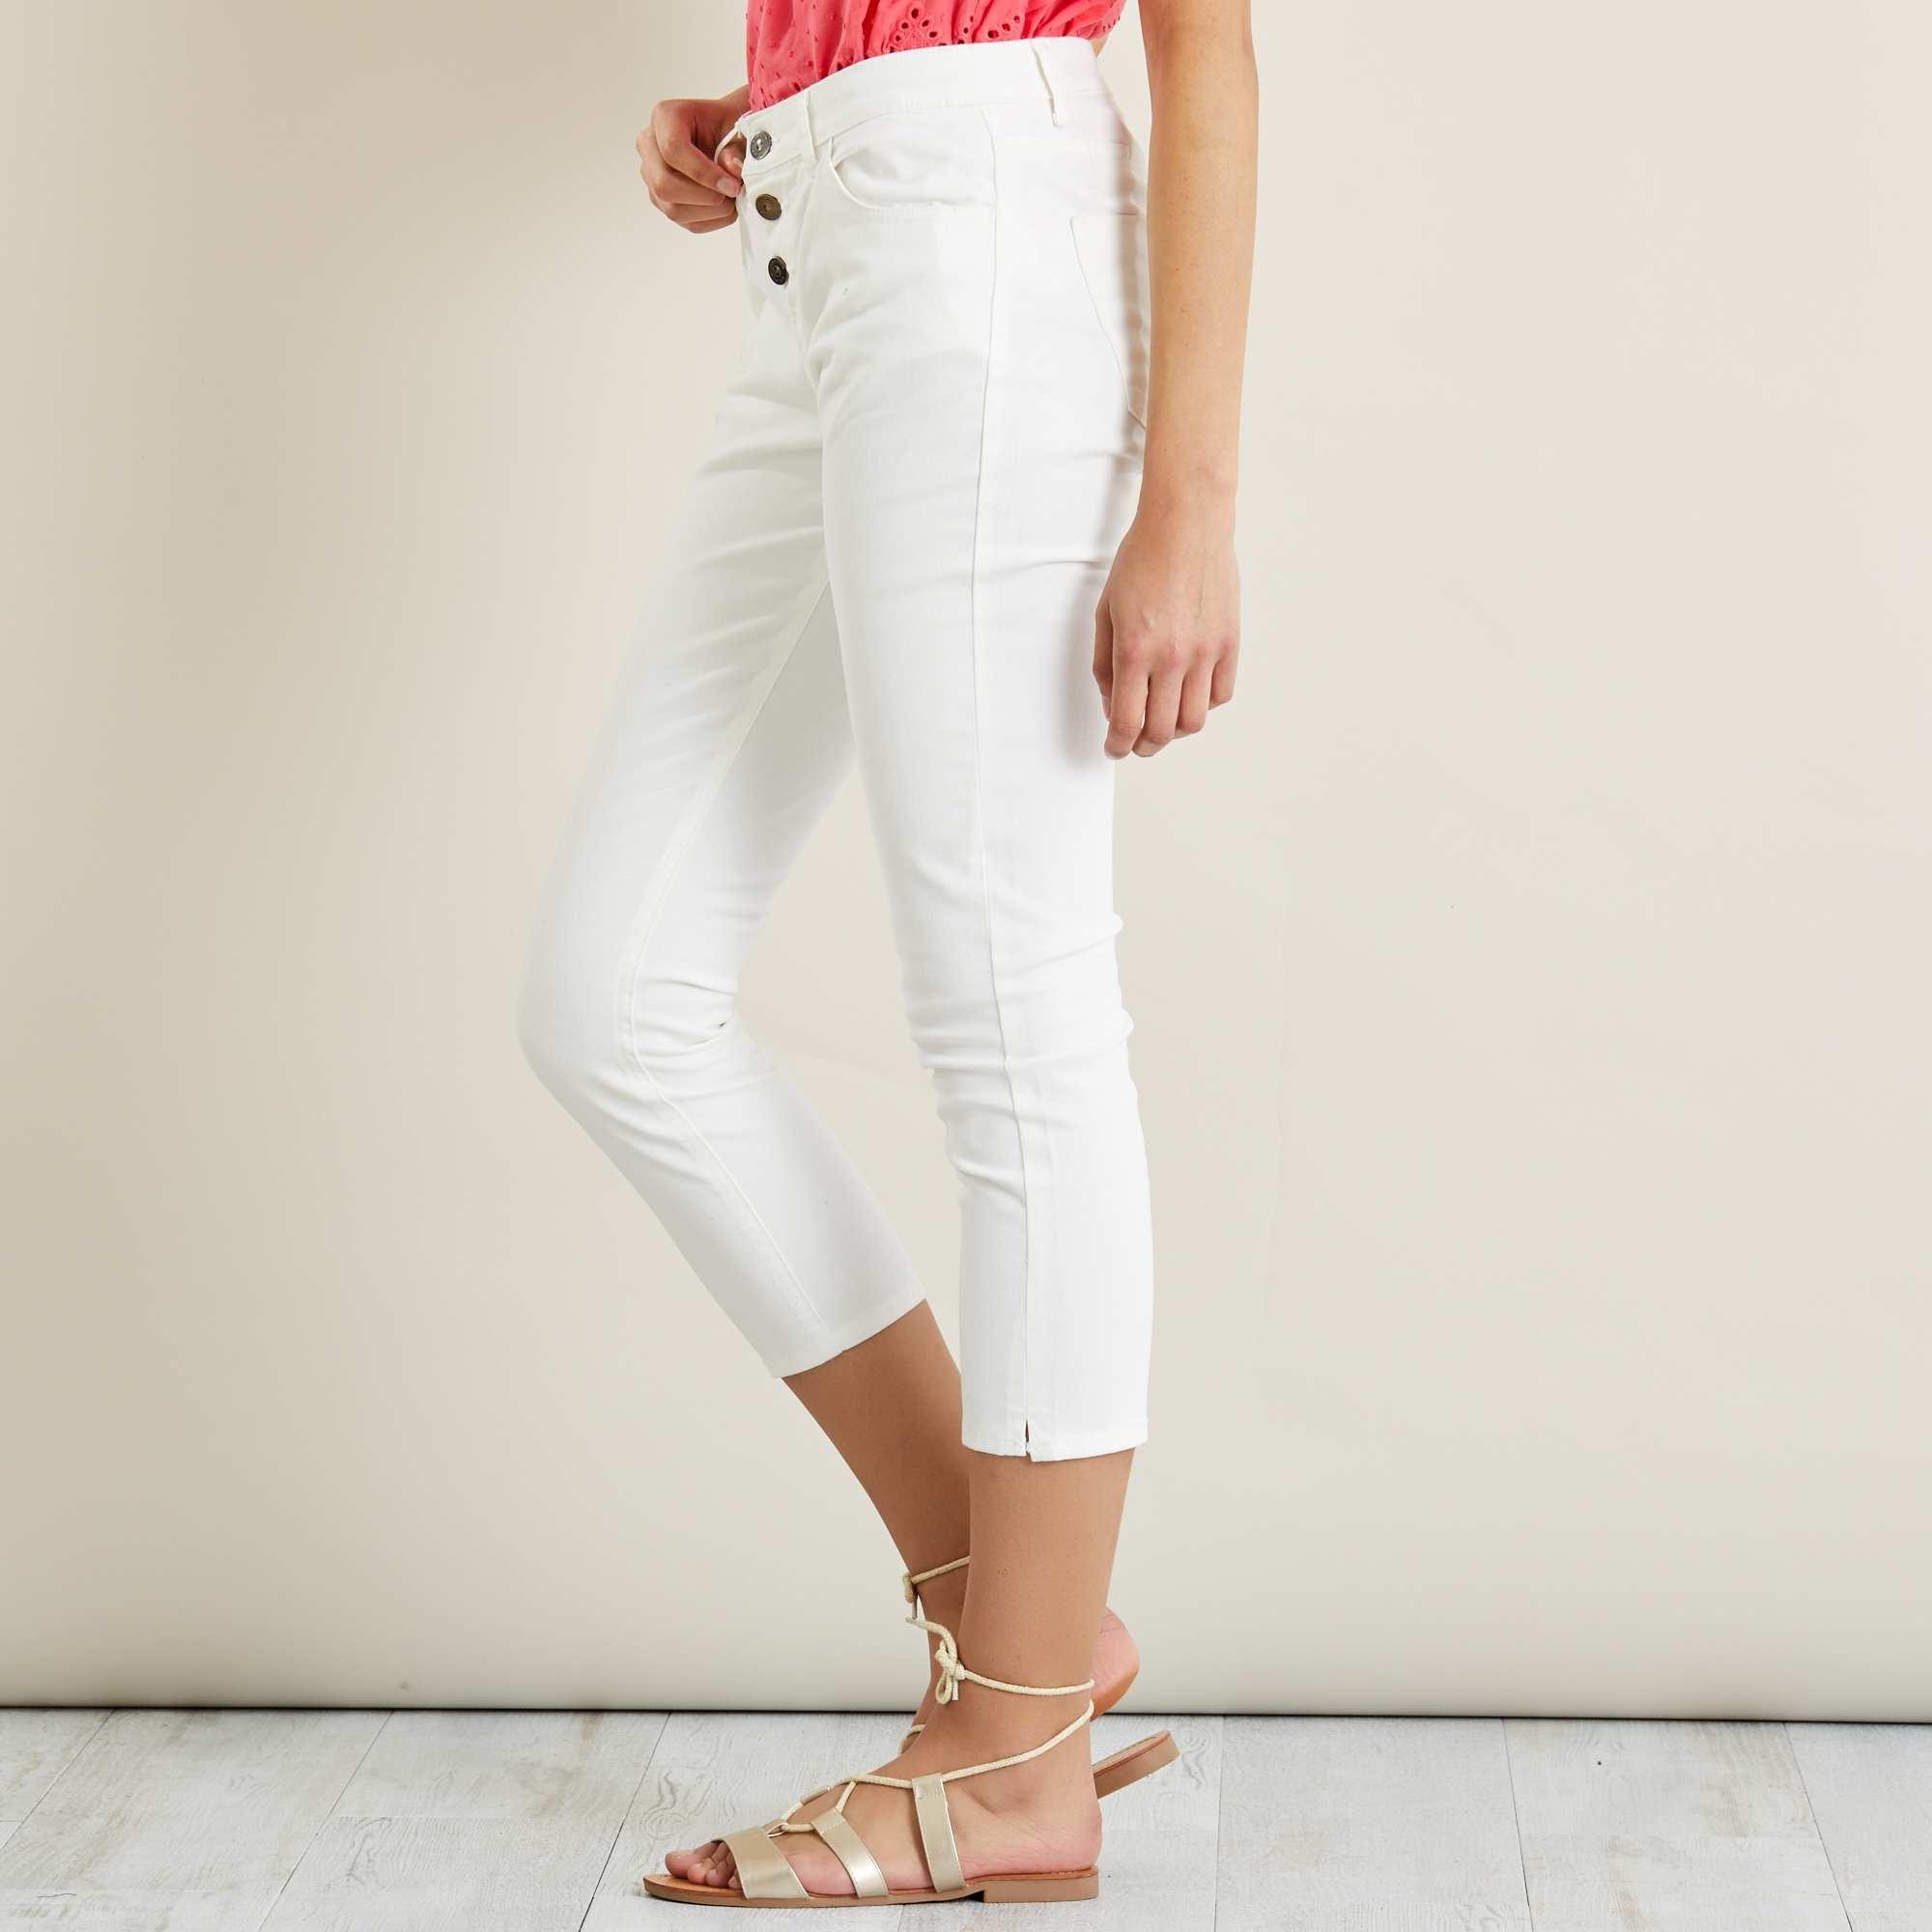 Couleur : gris bleu, blanc, rose,, - Taille : 40, 38, 36,42,44Le pantalon qui met en valeur vos chaussures et vos chevilles ! - Pantalon en coton